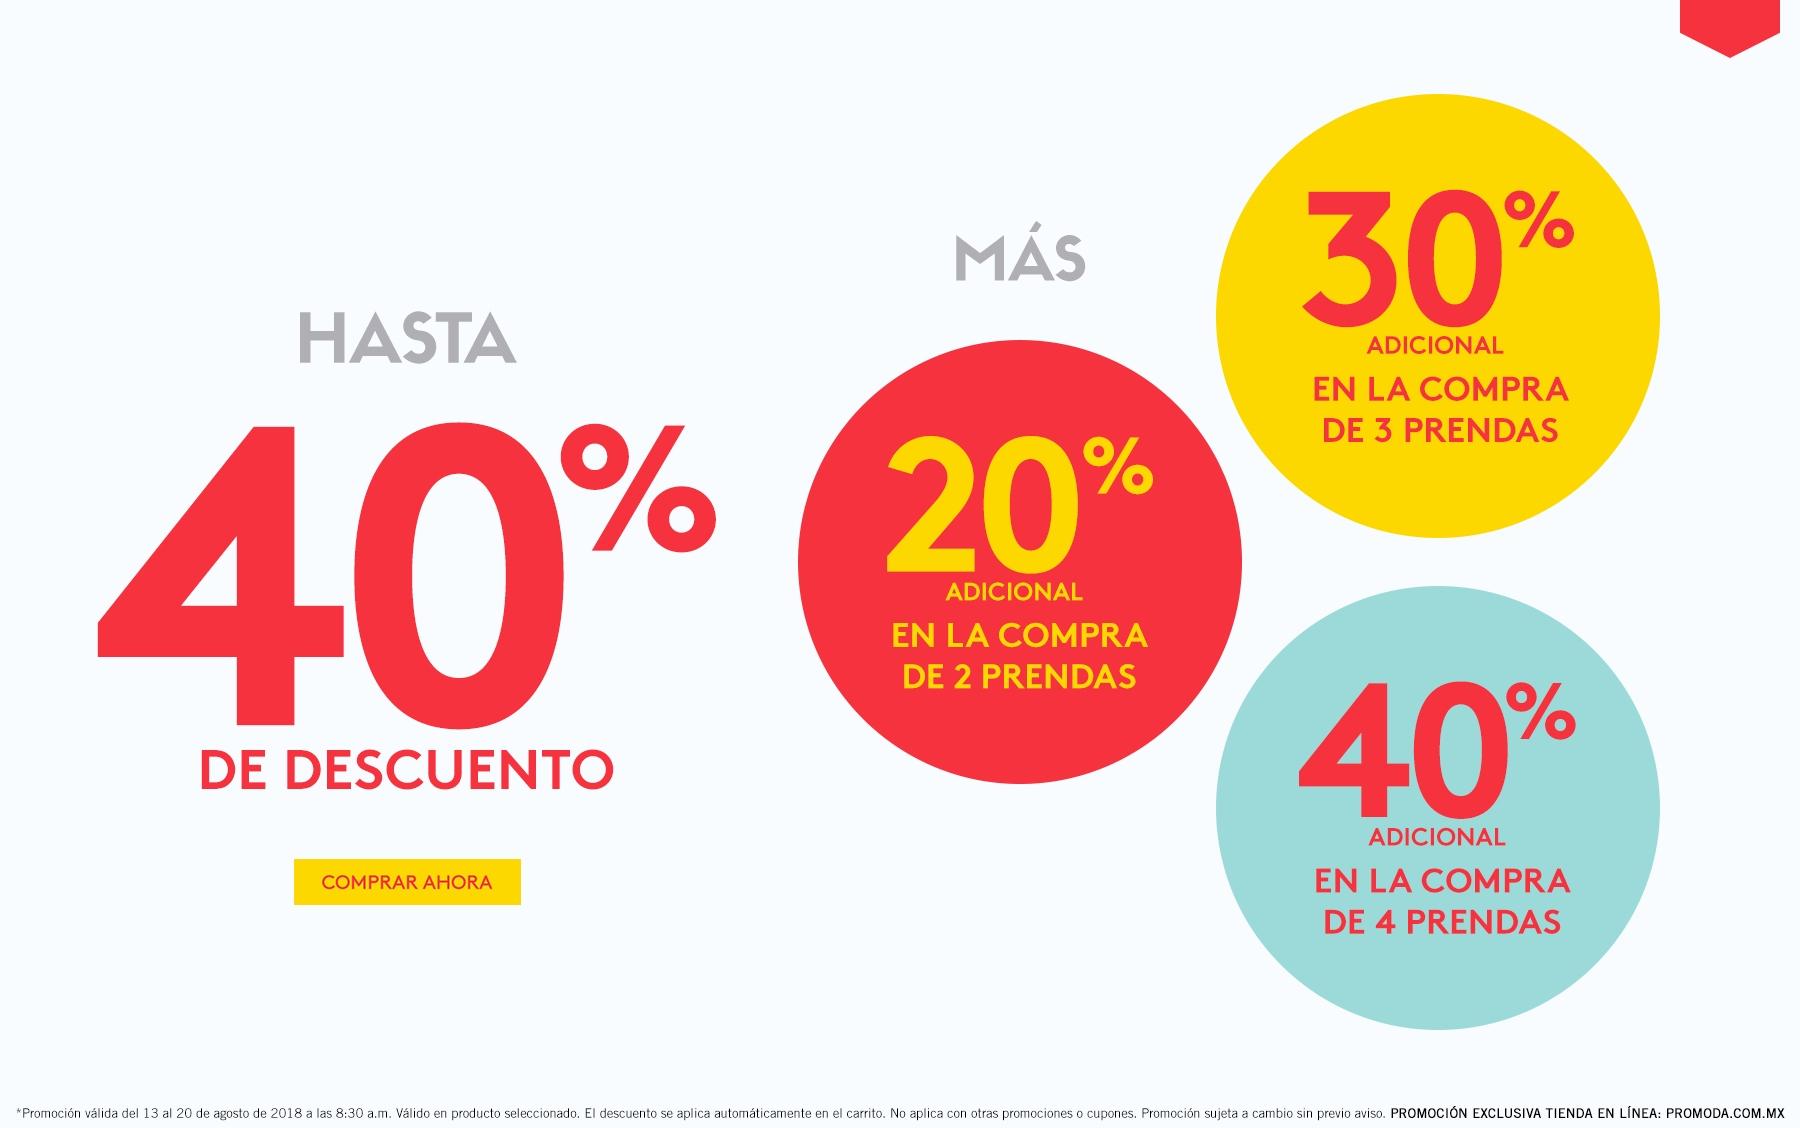 Promoda Online: Hasta 40% de descuento más descuentos escalonados del 20% al 40% adicional